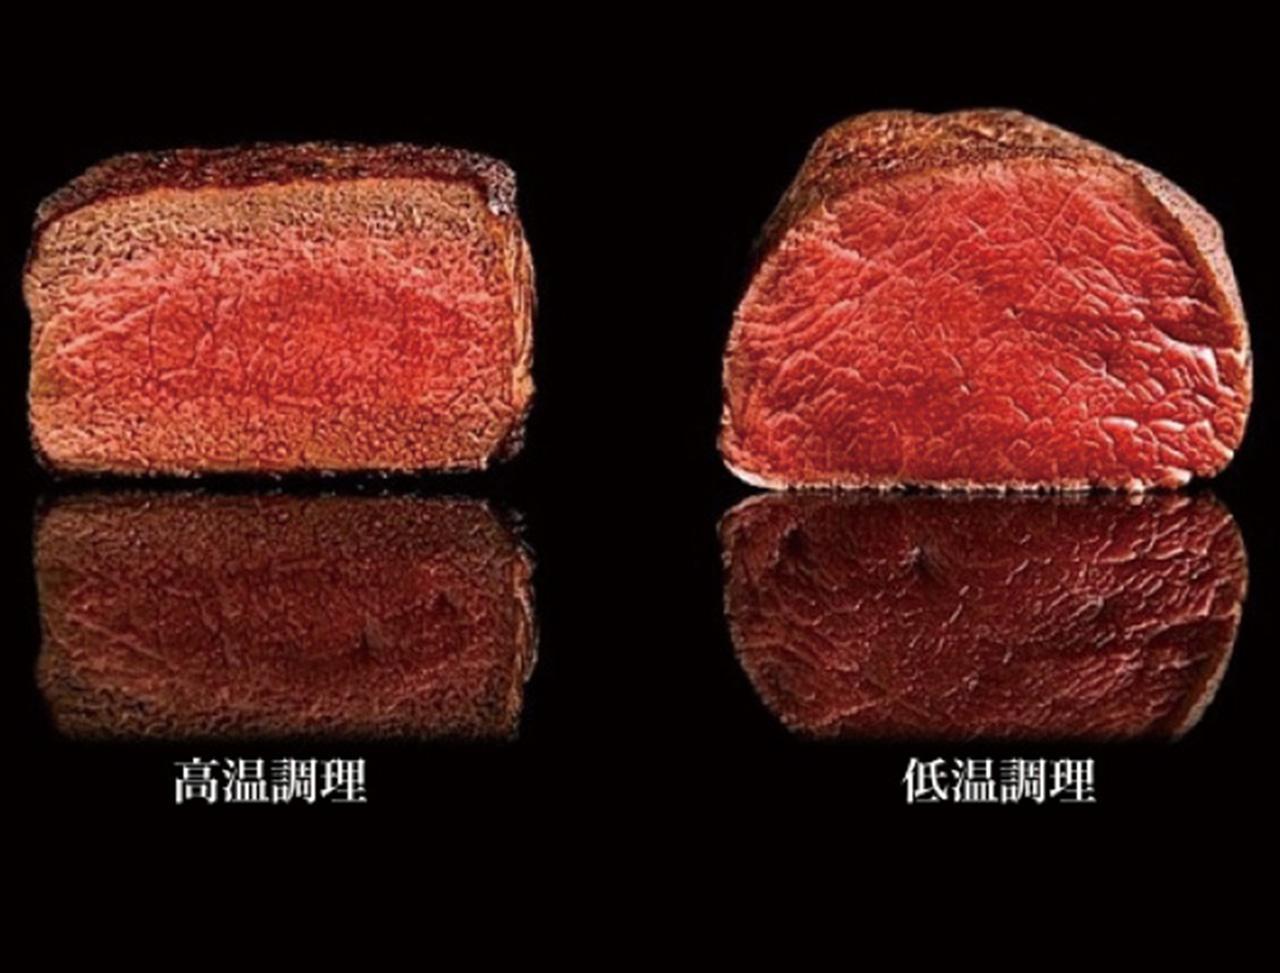 画像: 60〜65℃でじっくり火を通した肉は、たんぱく質が固まらず、極上のレア感に仕上がる。